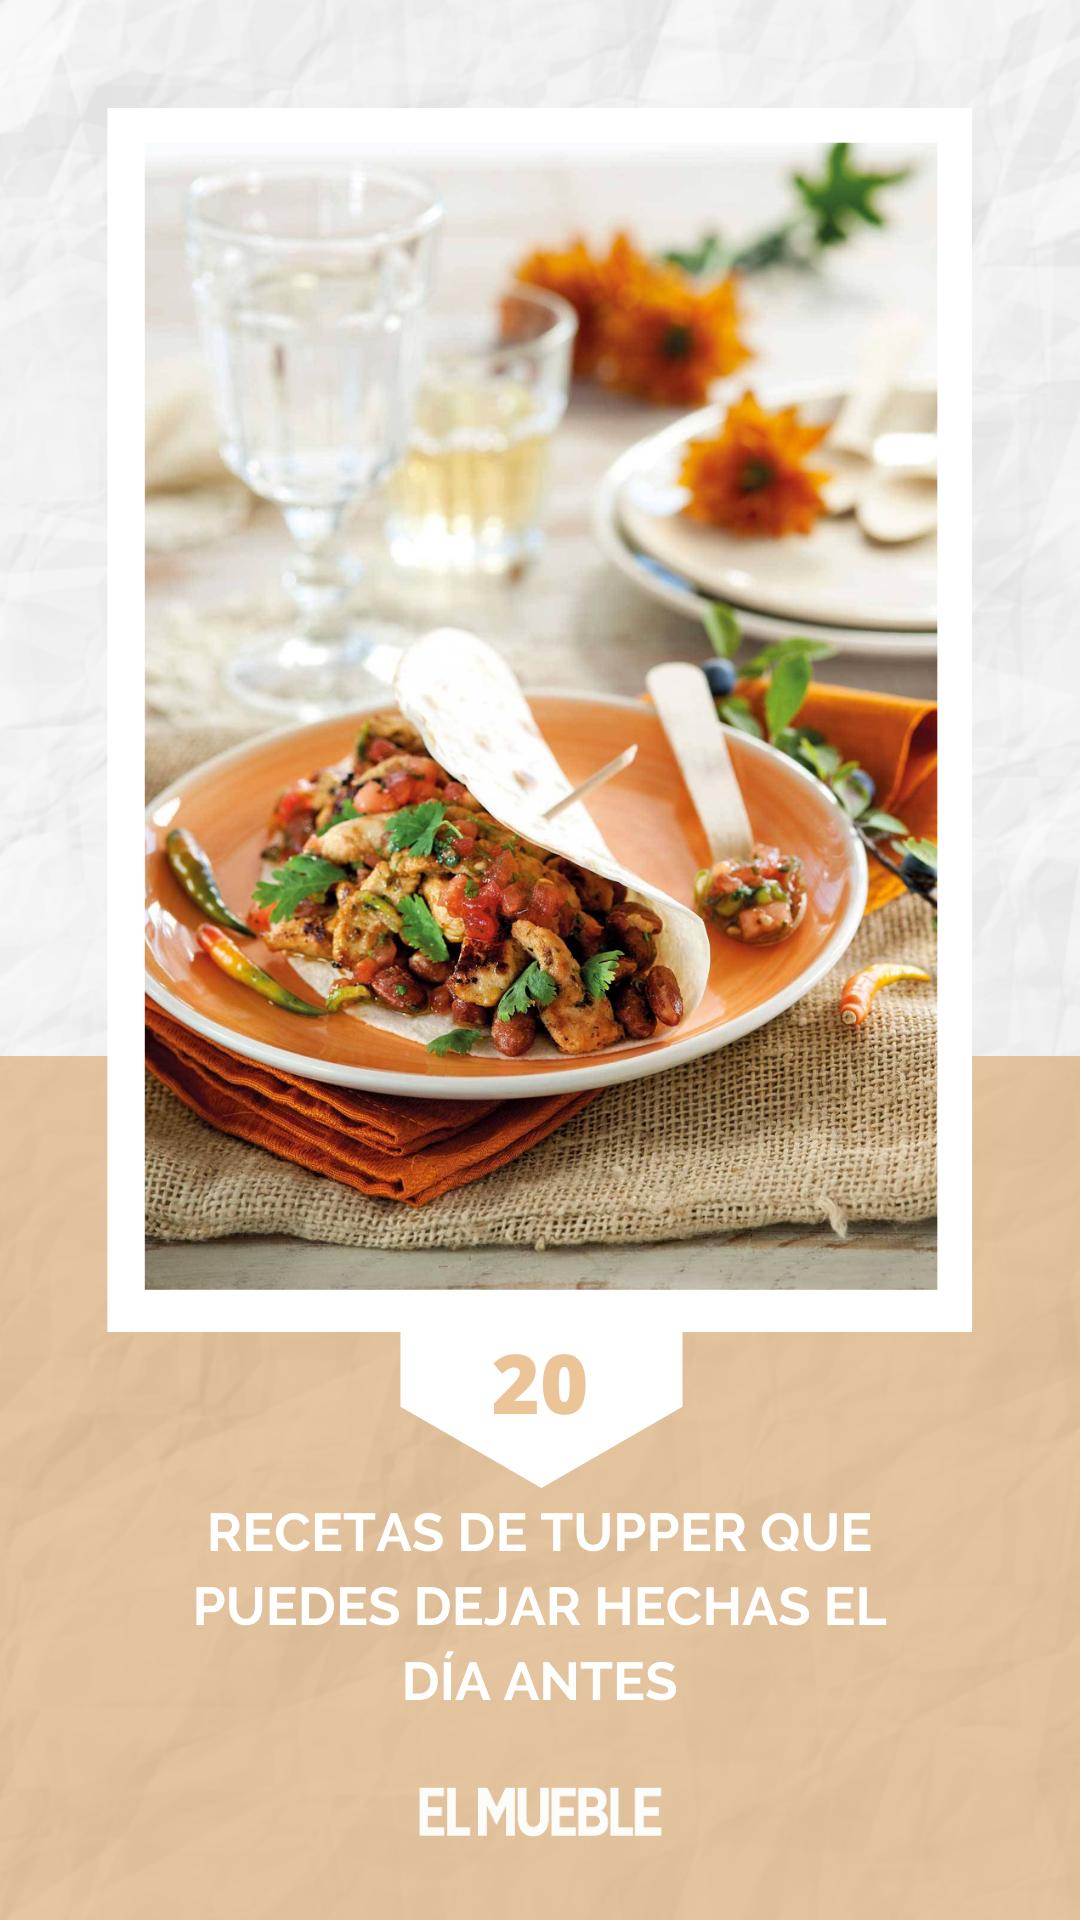 20 Recetas De Tupper Que Puedes Dejar Hechas El Dia Antes Recetas De Cocina Recetas Recetas De Comida